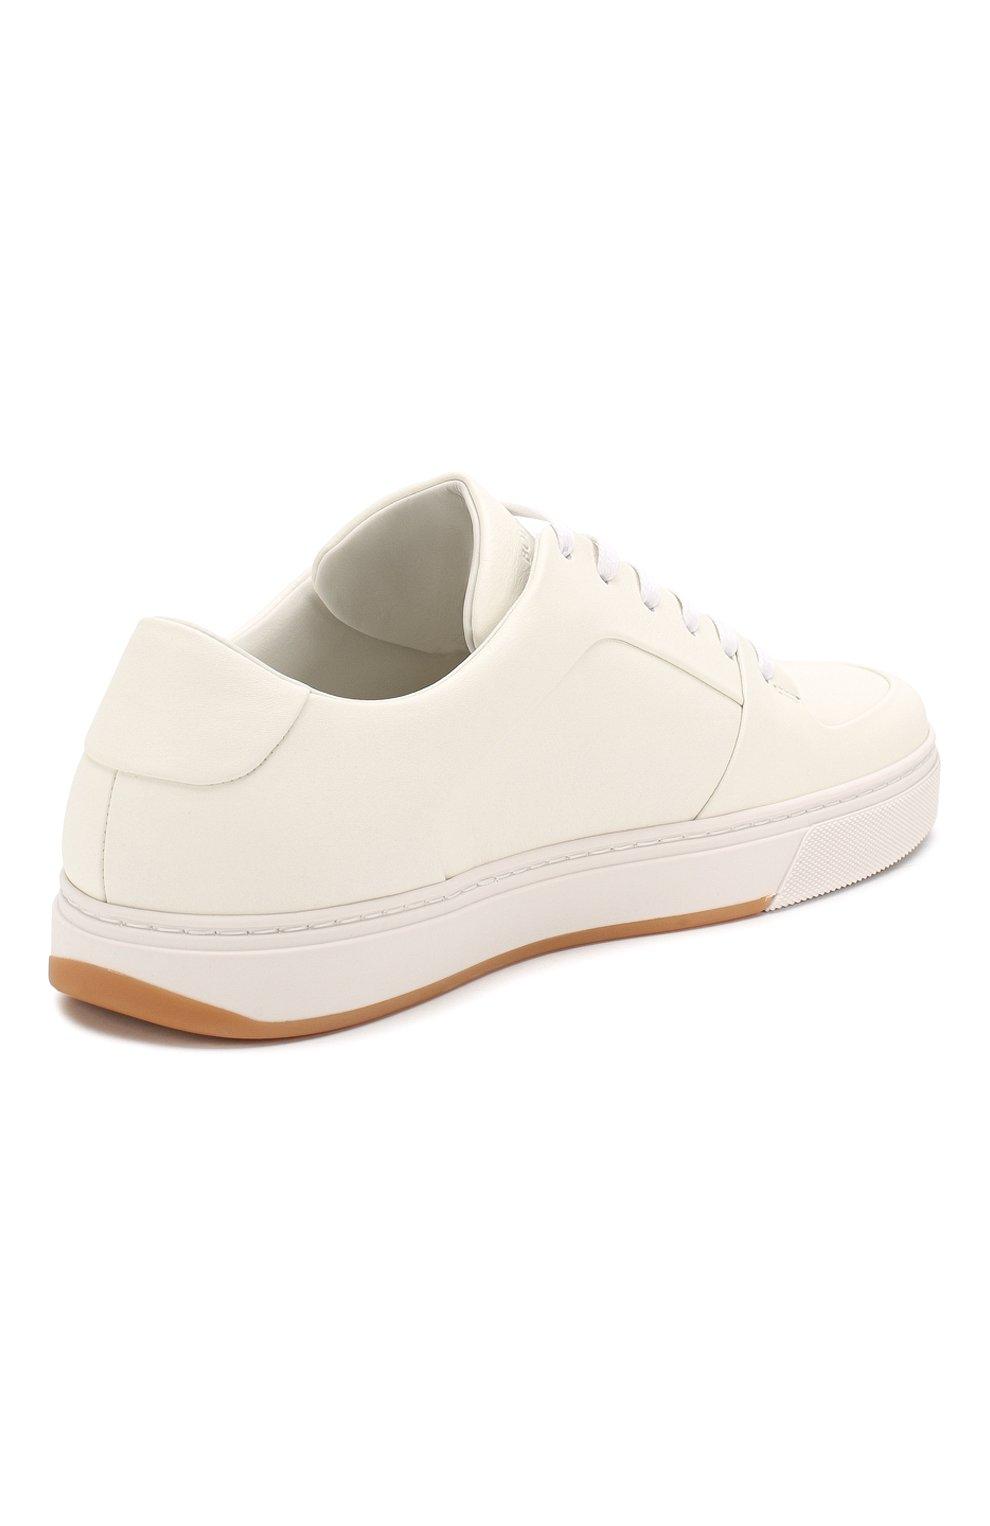 Мужские кожаные кеды BOTTEGA VENETA белого цвета, арт. 608761/VT040 | Фото 4 (Материал внутренний: Натуральная кожа; Подошва: Массивная)